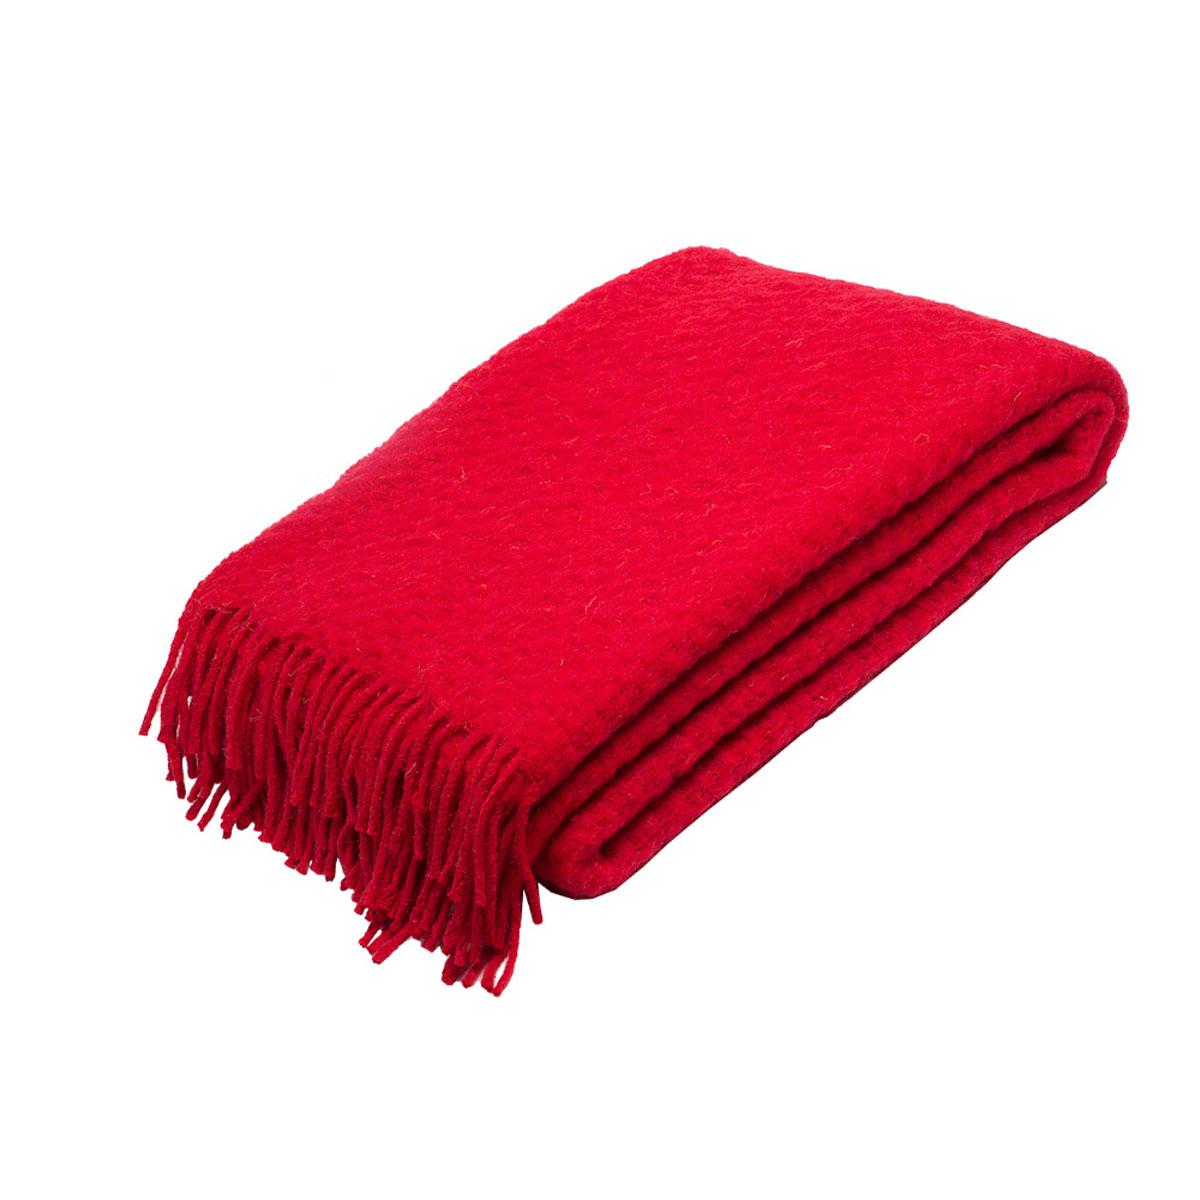 Плед Руно Estivo, цвет: красный, 140 х 200 см. 1-511-140 (67)ПСс-180-200_розовыйПлед Руно Estivo гармонично впишется в интерьер вашего дома и создаст атмосферу уюта и комфорта. Чрезвычайно мягкий и теплый плед с кистями изготовлен из натуральной овечьей шерсти. Высочайшее качество материала гарантирует безопасность не только взрослых, но и самых маленьких членов семьи.Плед - это такой подарок, который будет всегда актуален, особенно для ваших родных и близких, ведь вы дарите им частичку своего тепла!